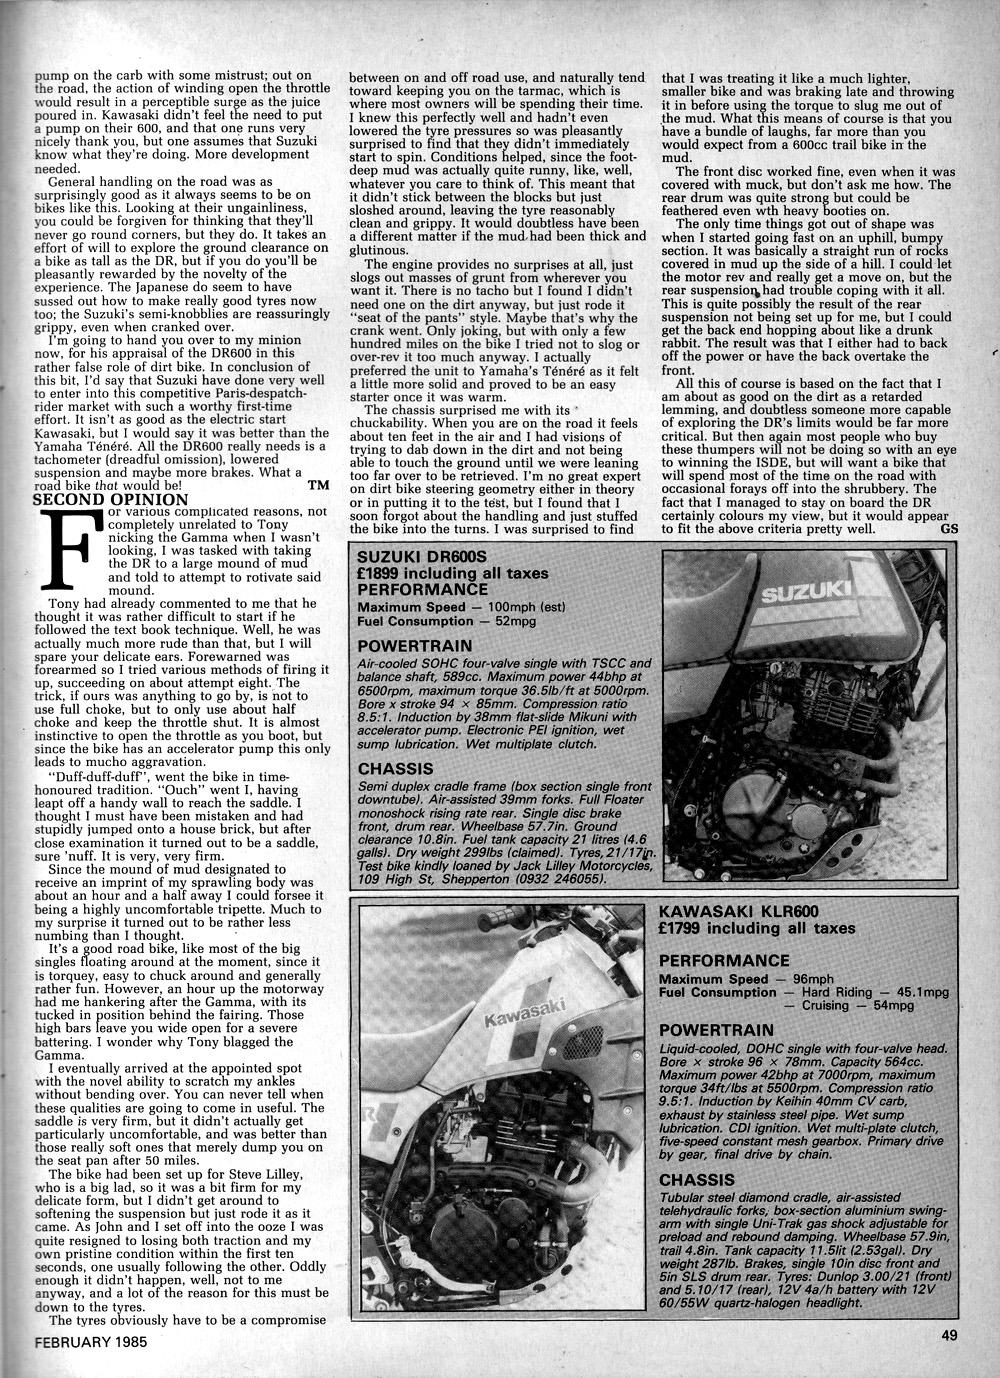 1985 Kawasaki KLR600 vs Suzuki DR600 road test 06.jpg